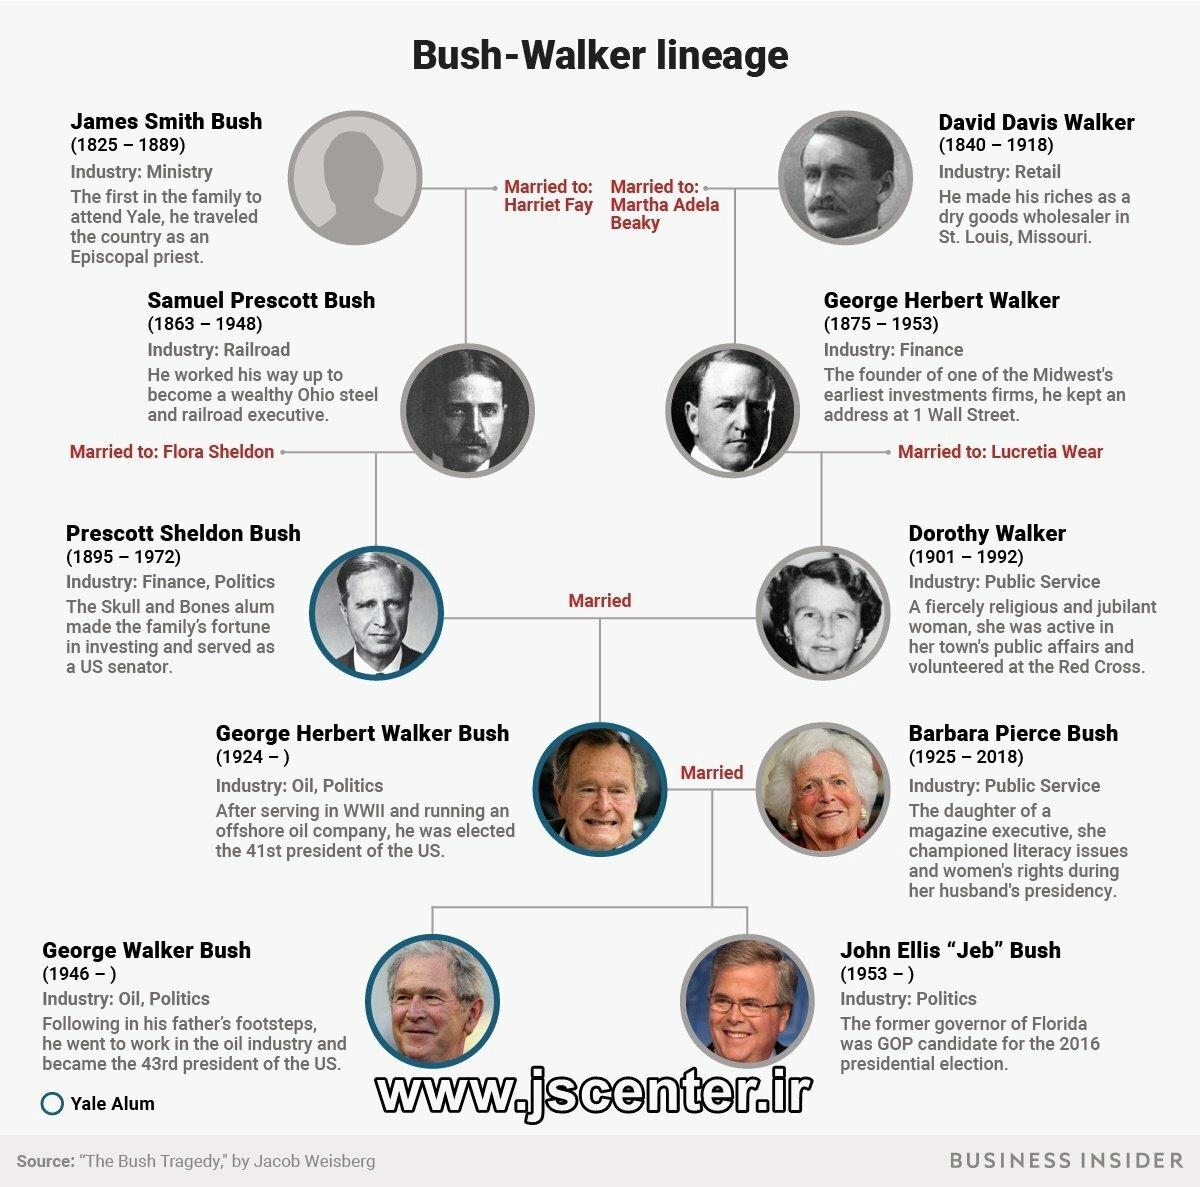 شجره خاندان بوش